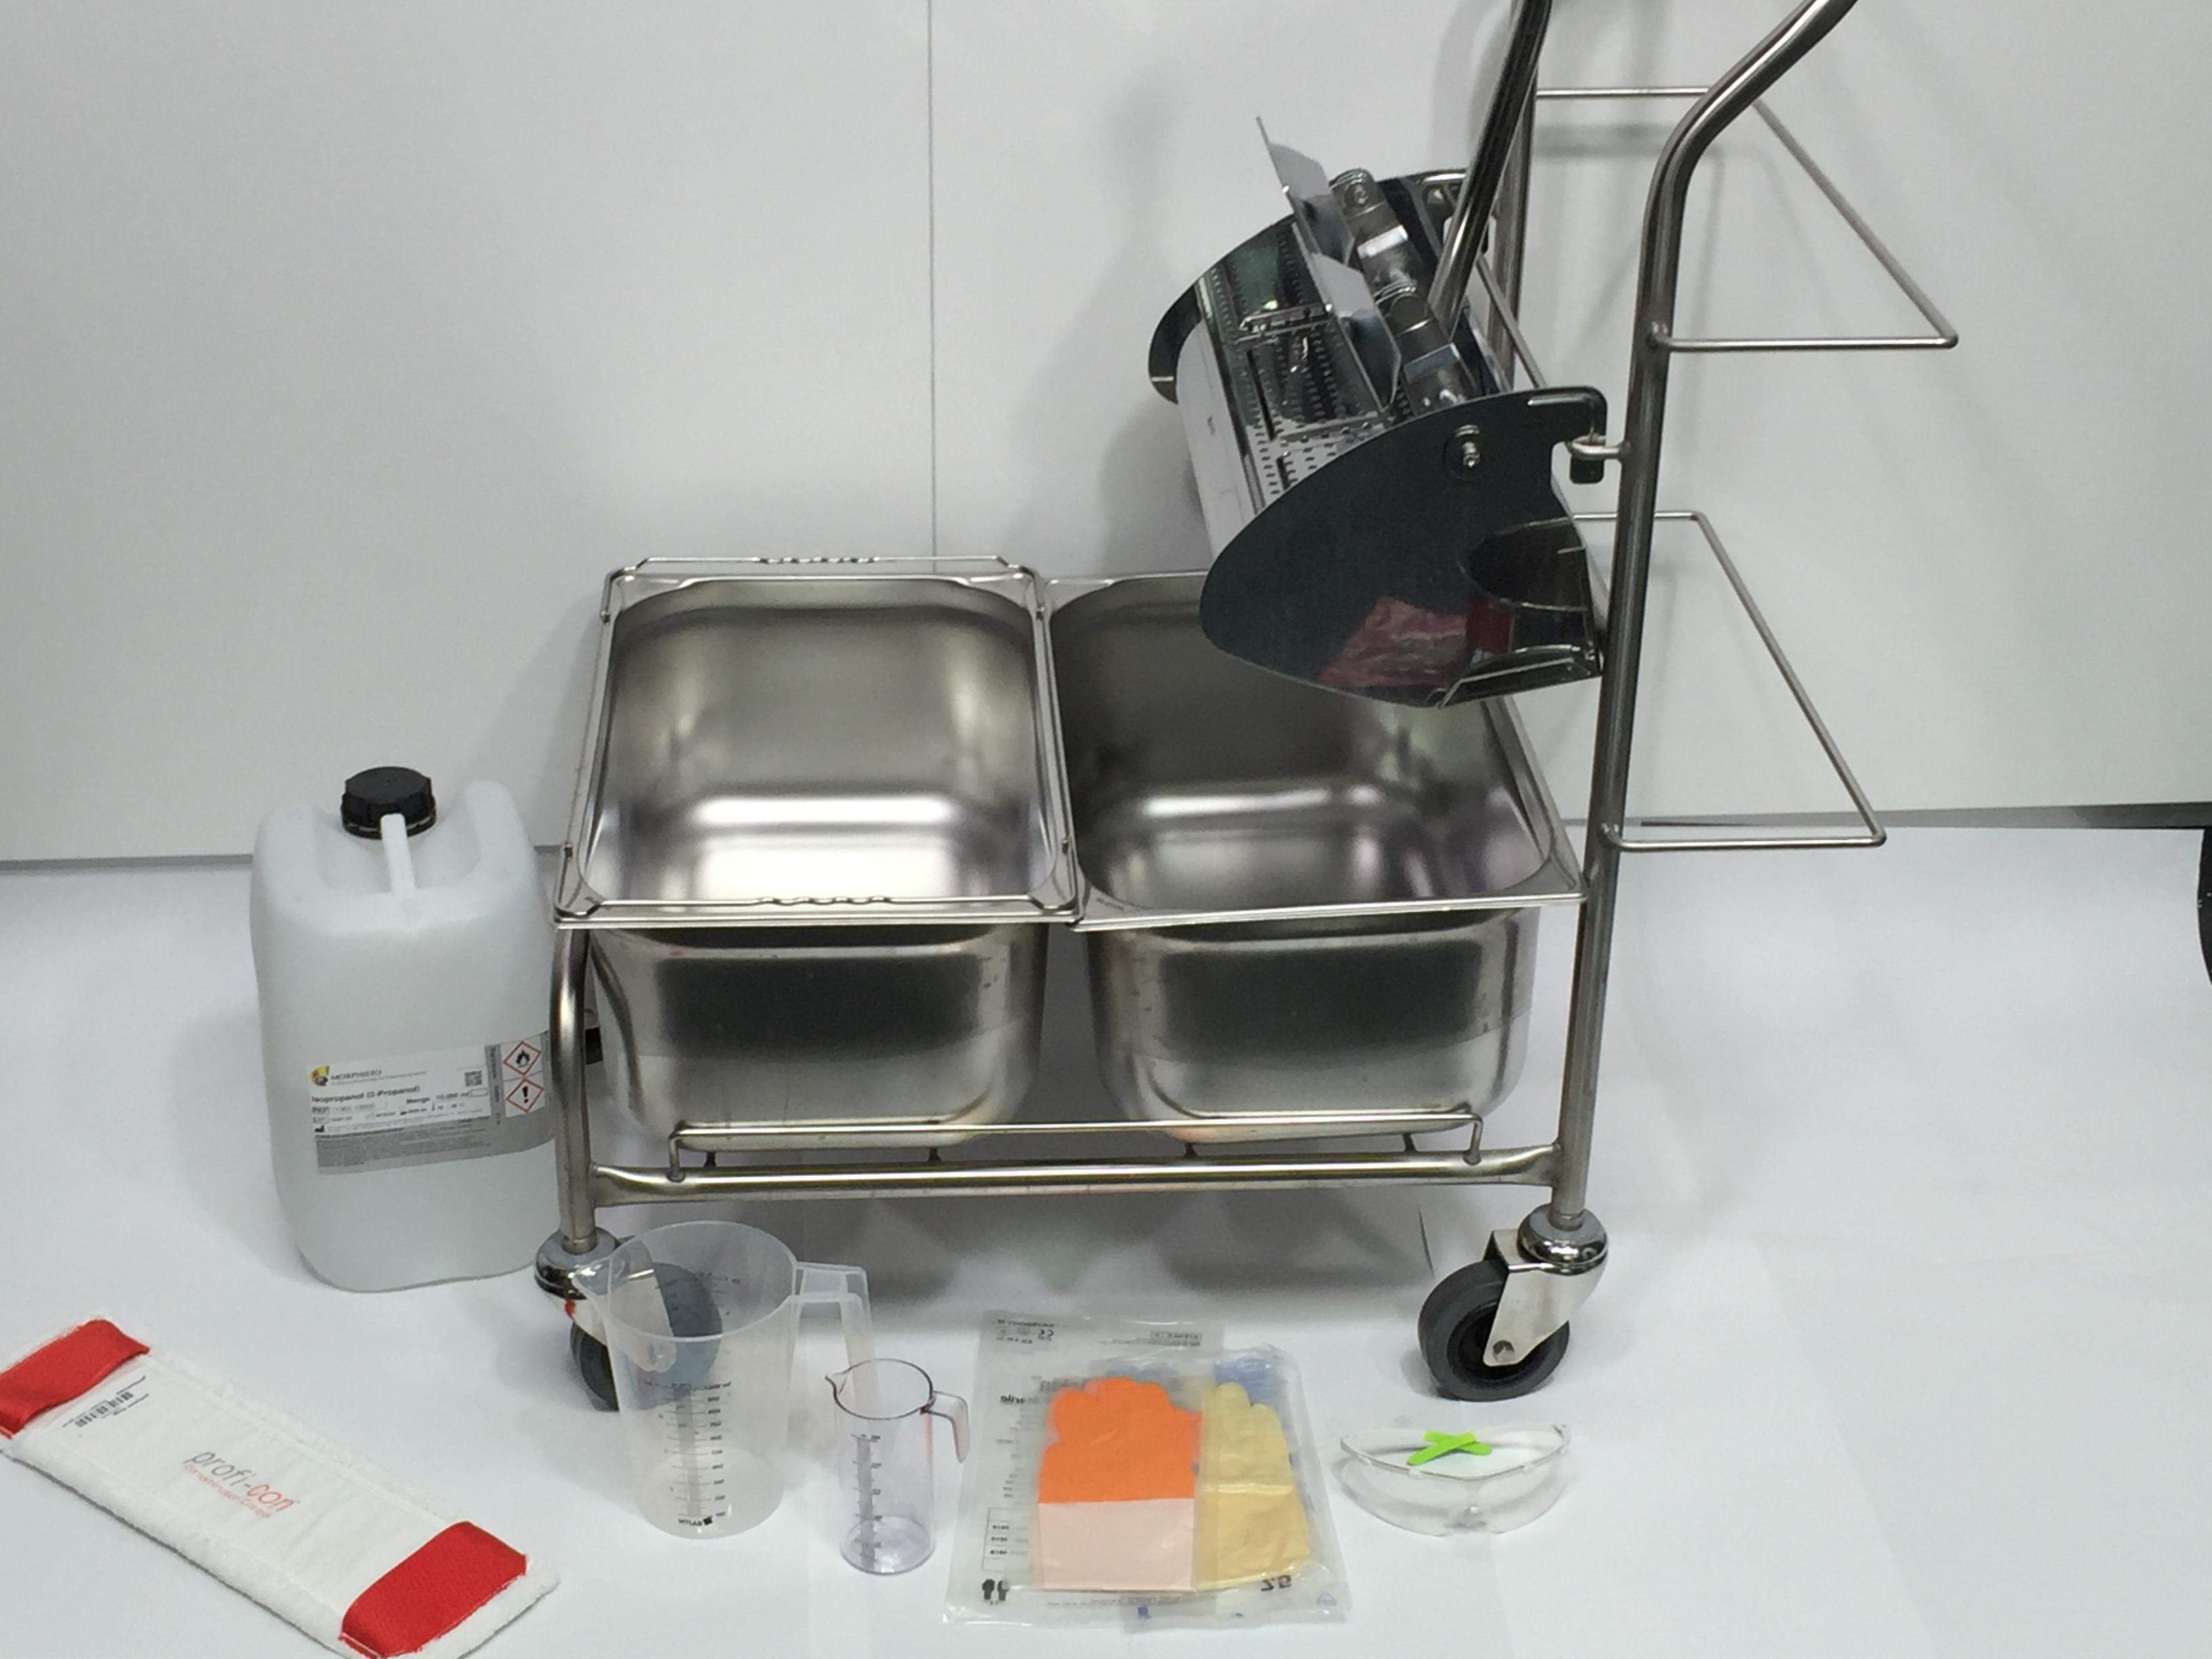 CWS Cleanrooms Reinraumschulung Reinigungswagen